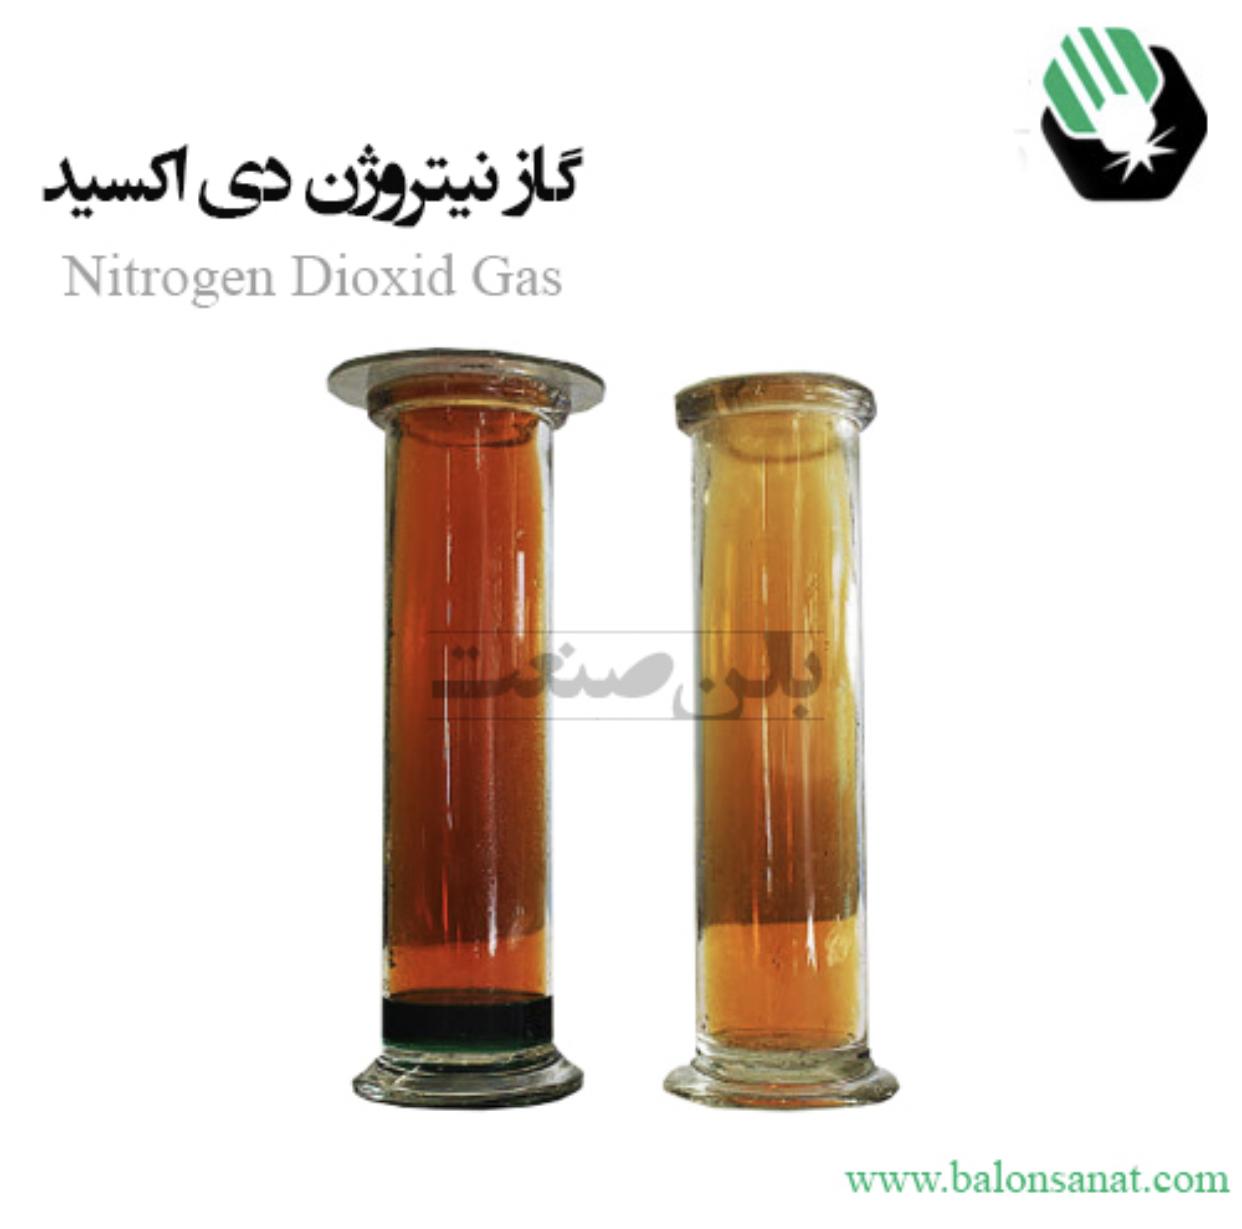 گاز دی اکسید نیتروژن